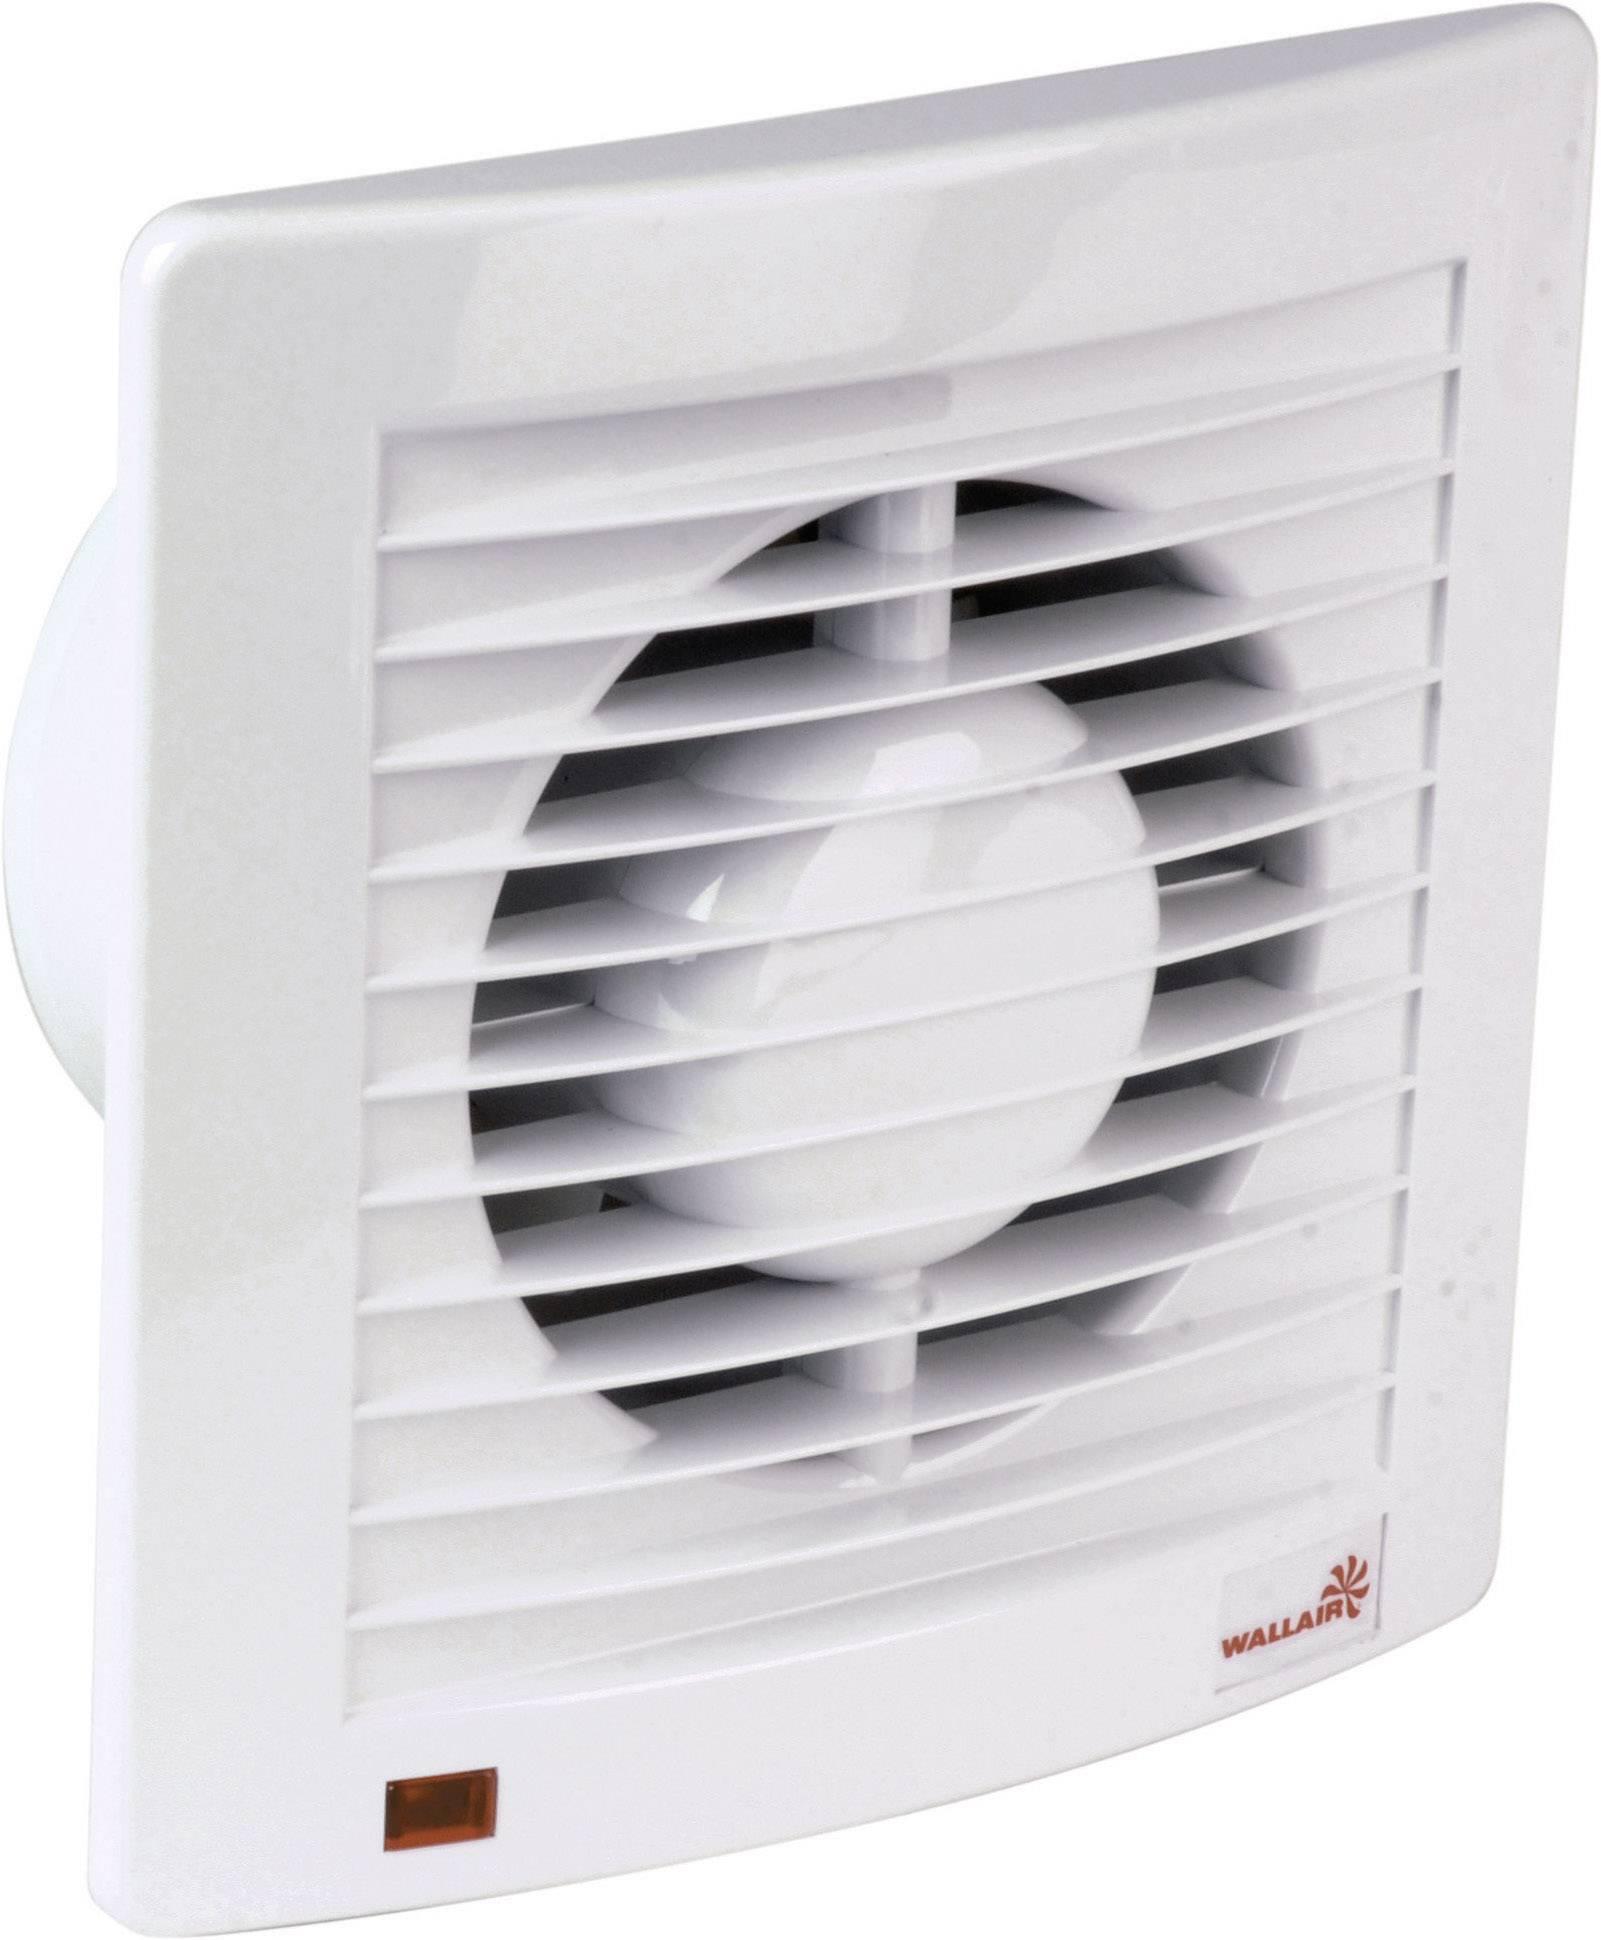 Vestavný ventilátor s časovačem Wallair, 20110601, 230 V, 95 m3/h, 16 cm